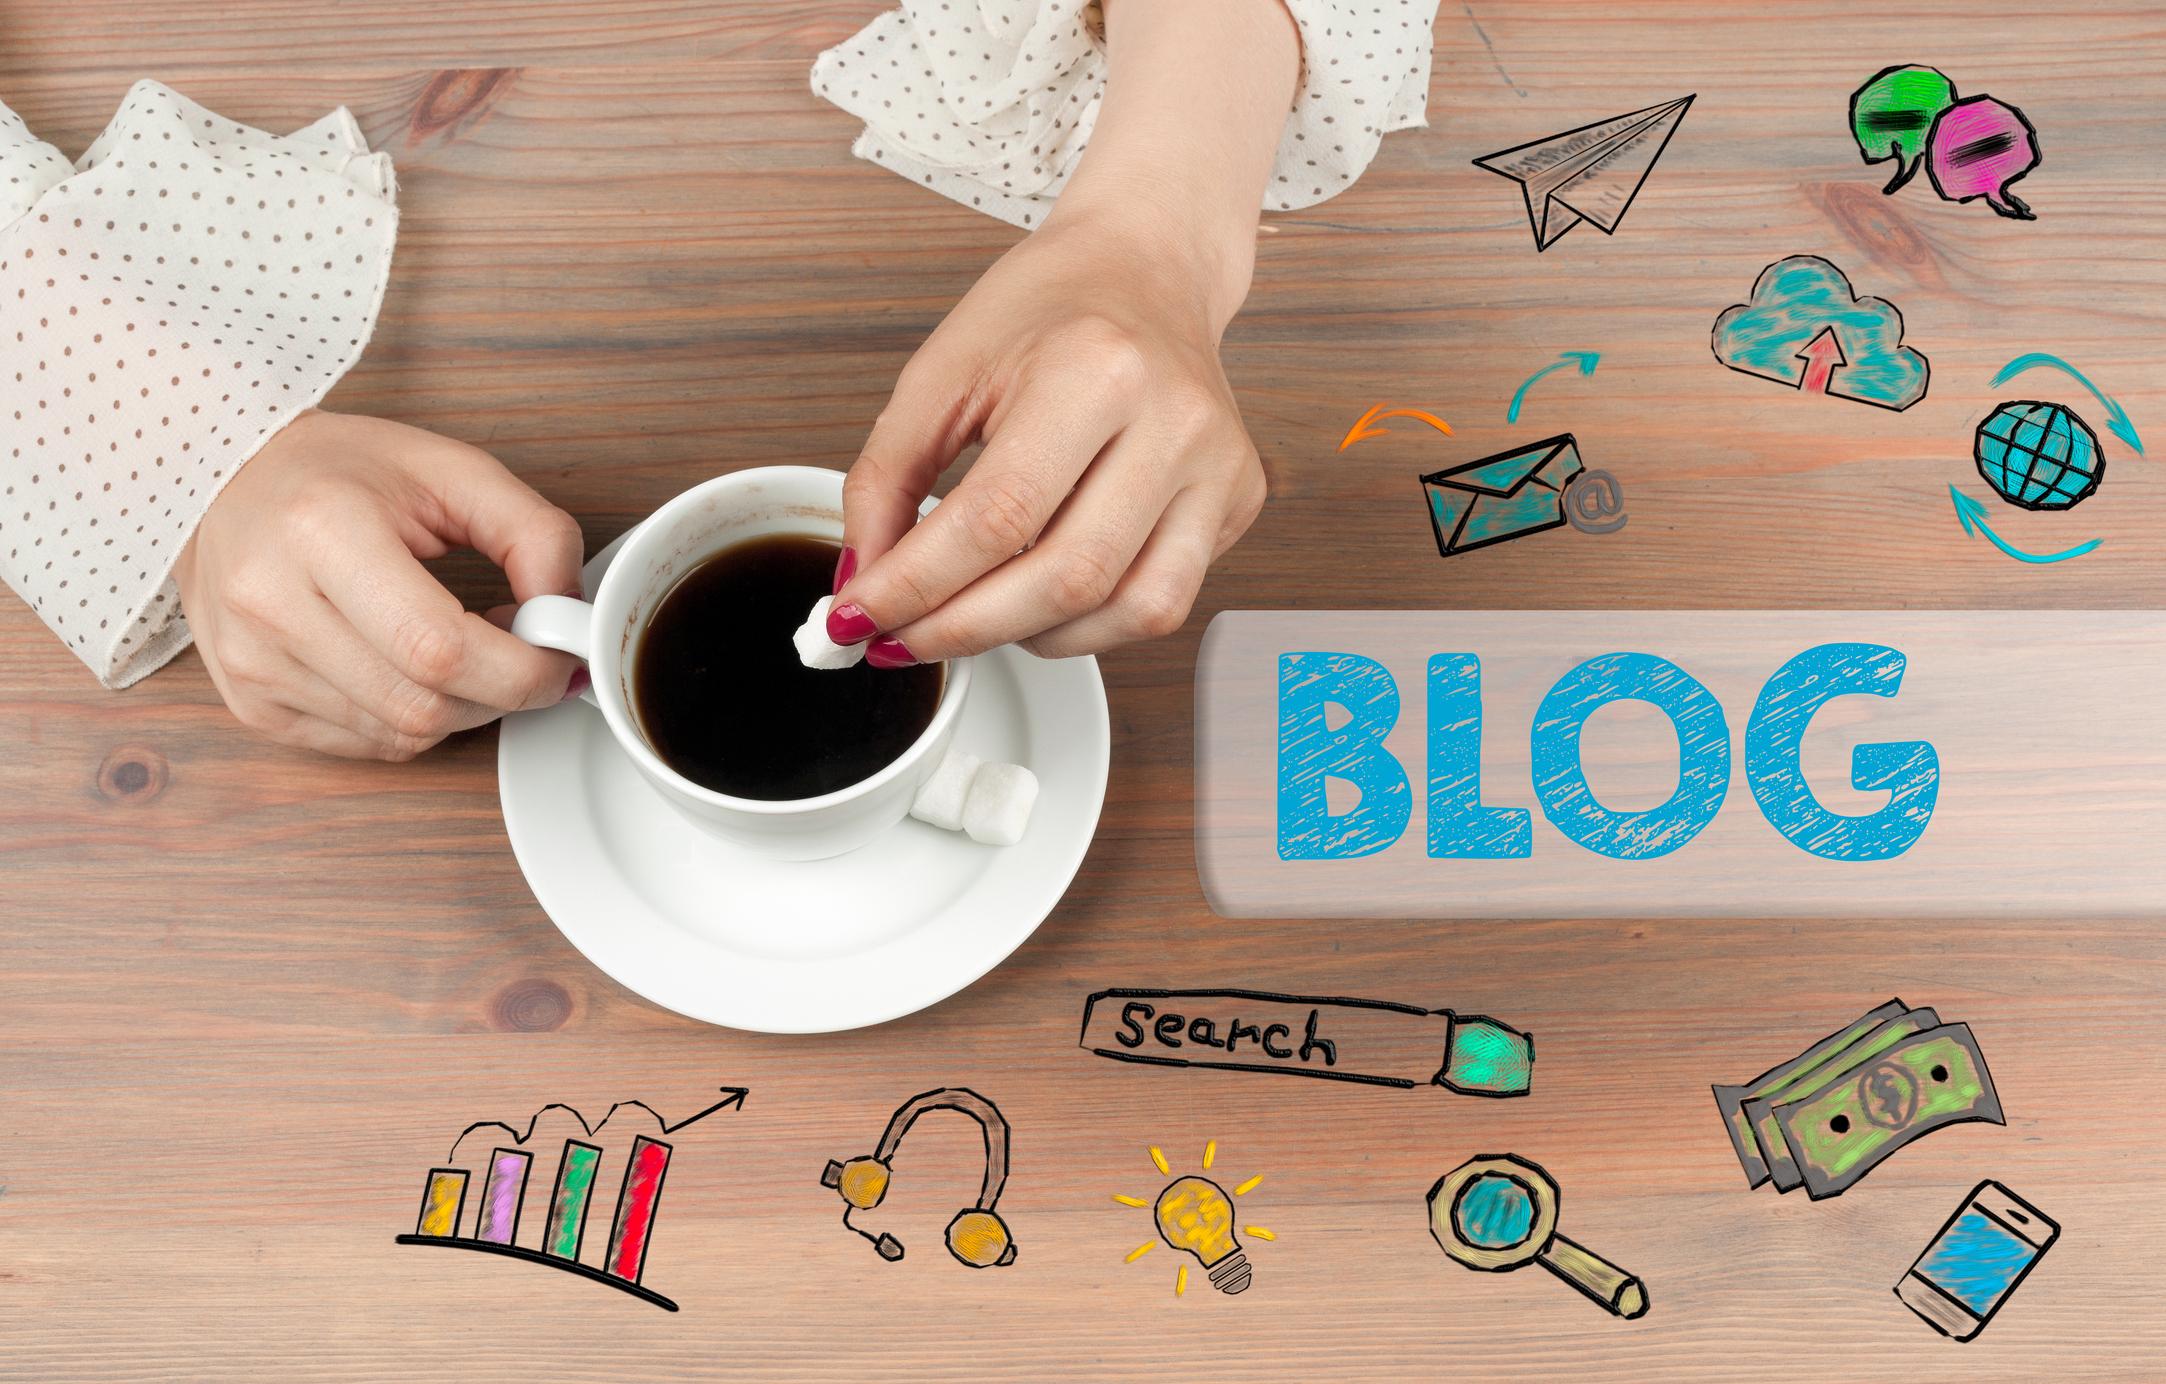 Vad ska du blogga om?